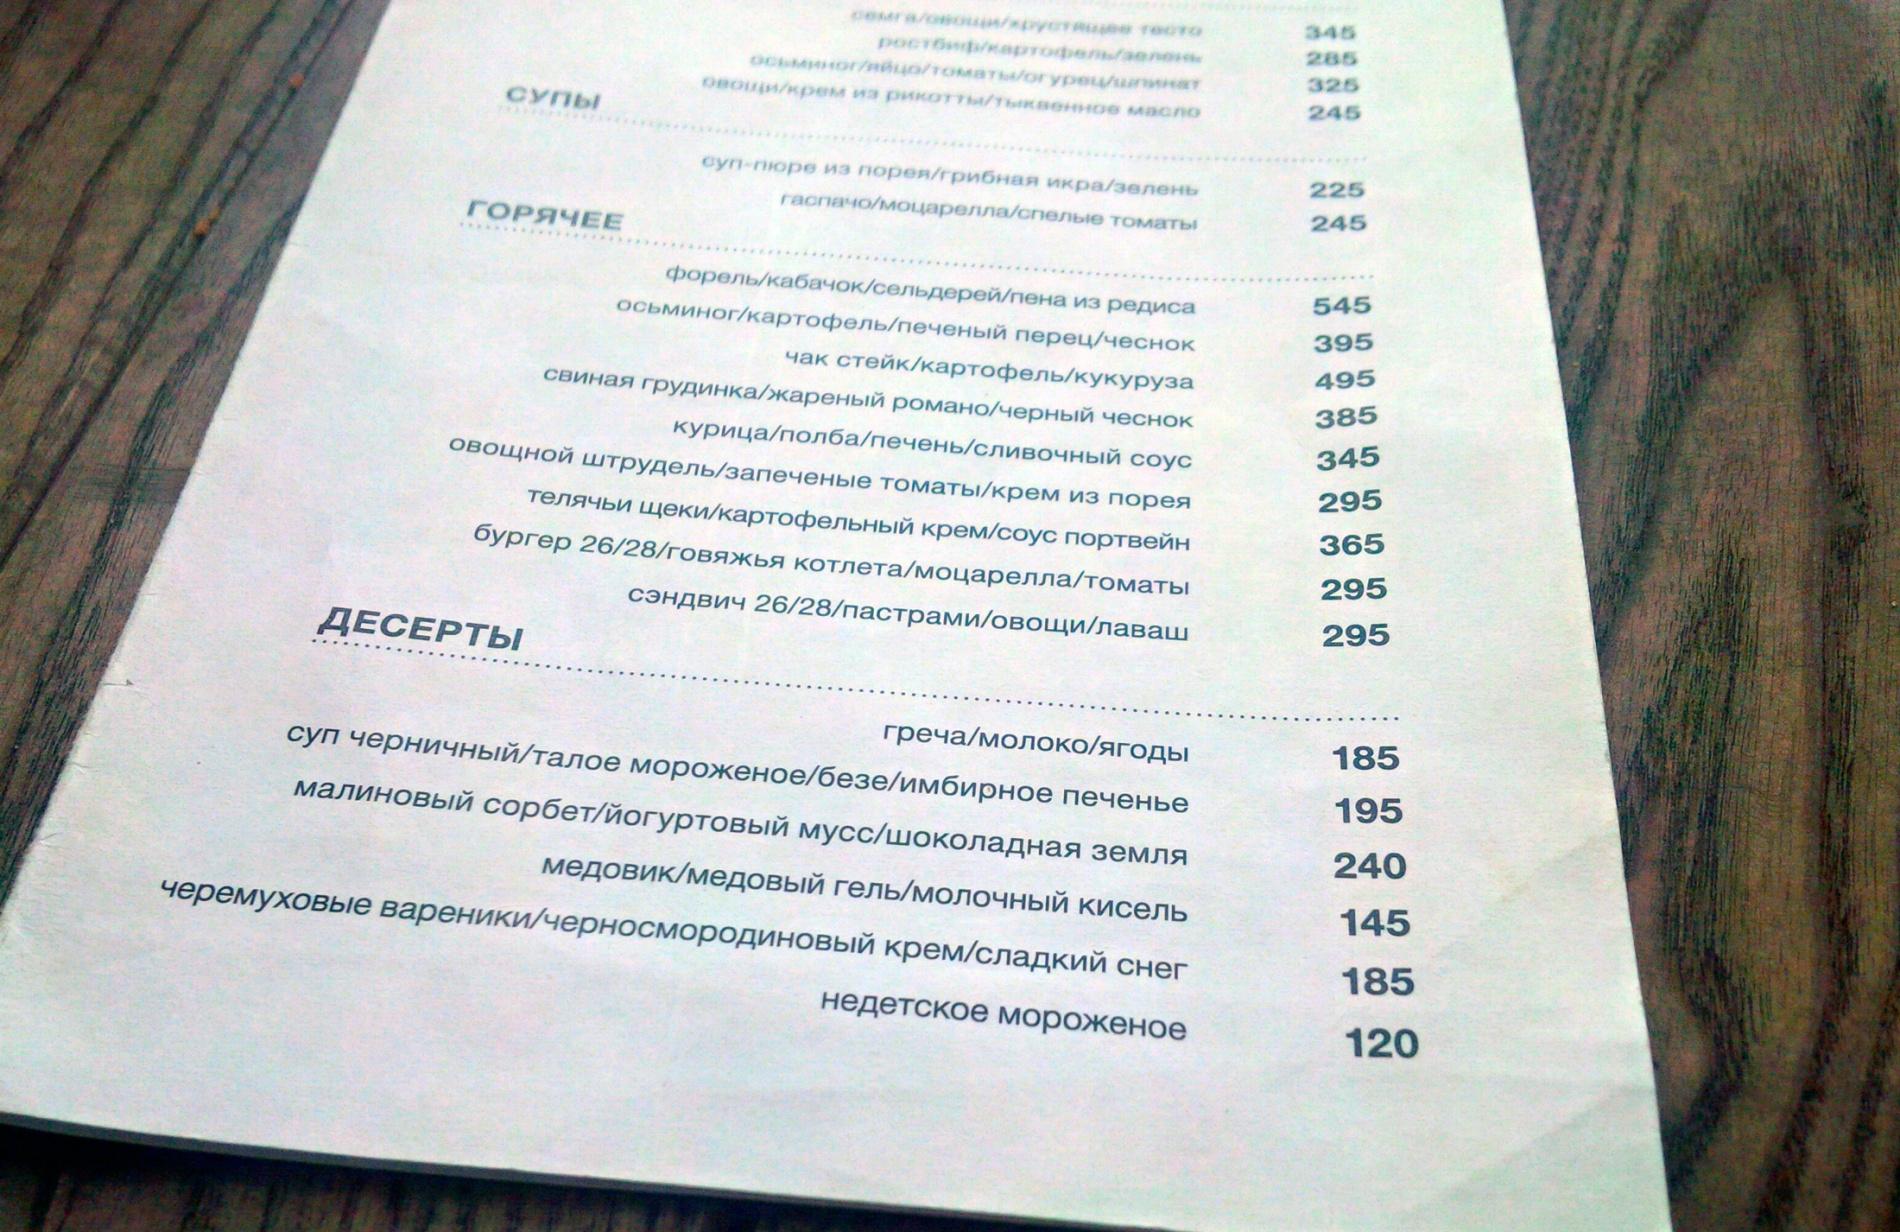 В меню 26/28 встречается пена из редиса, картофельный крем, шоколадная земля и медовый гель